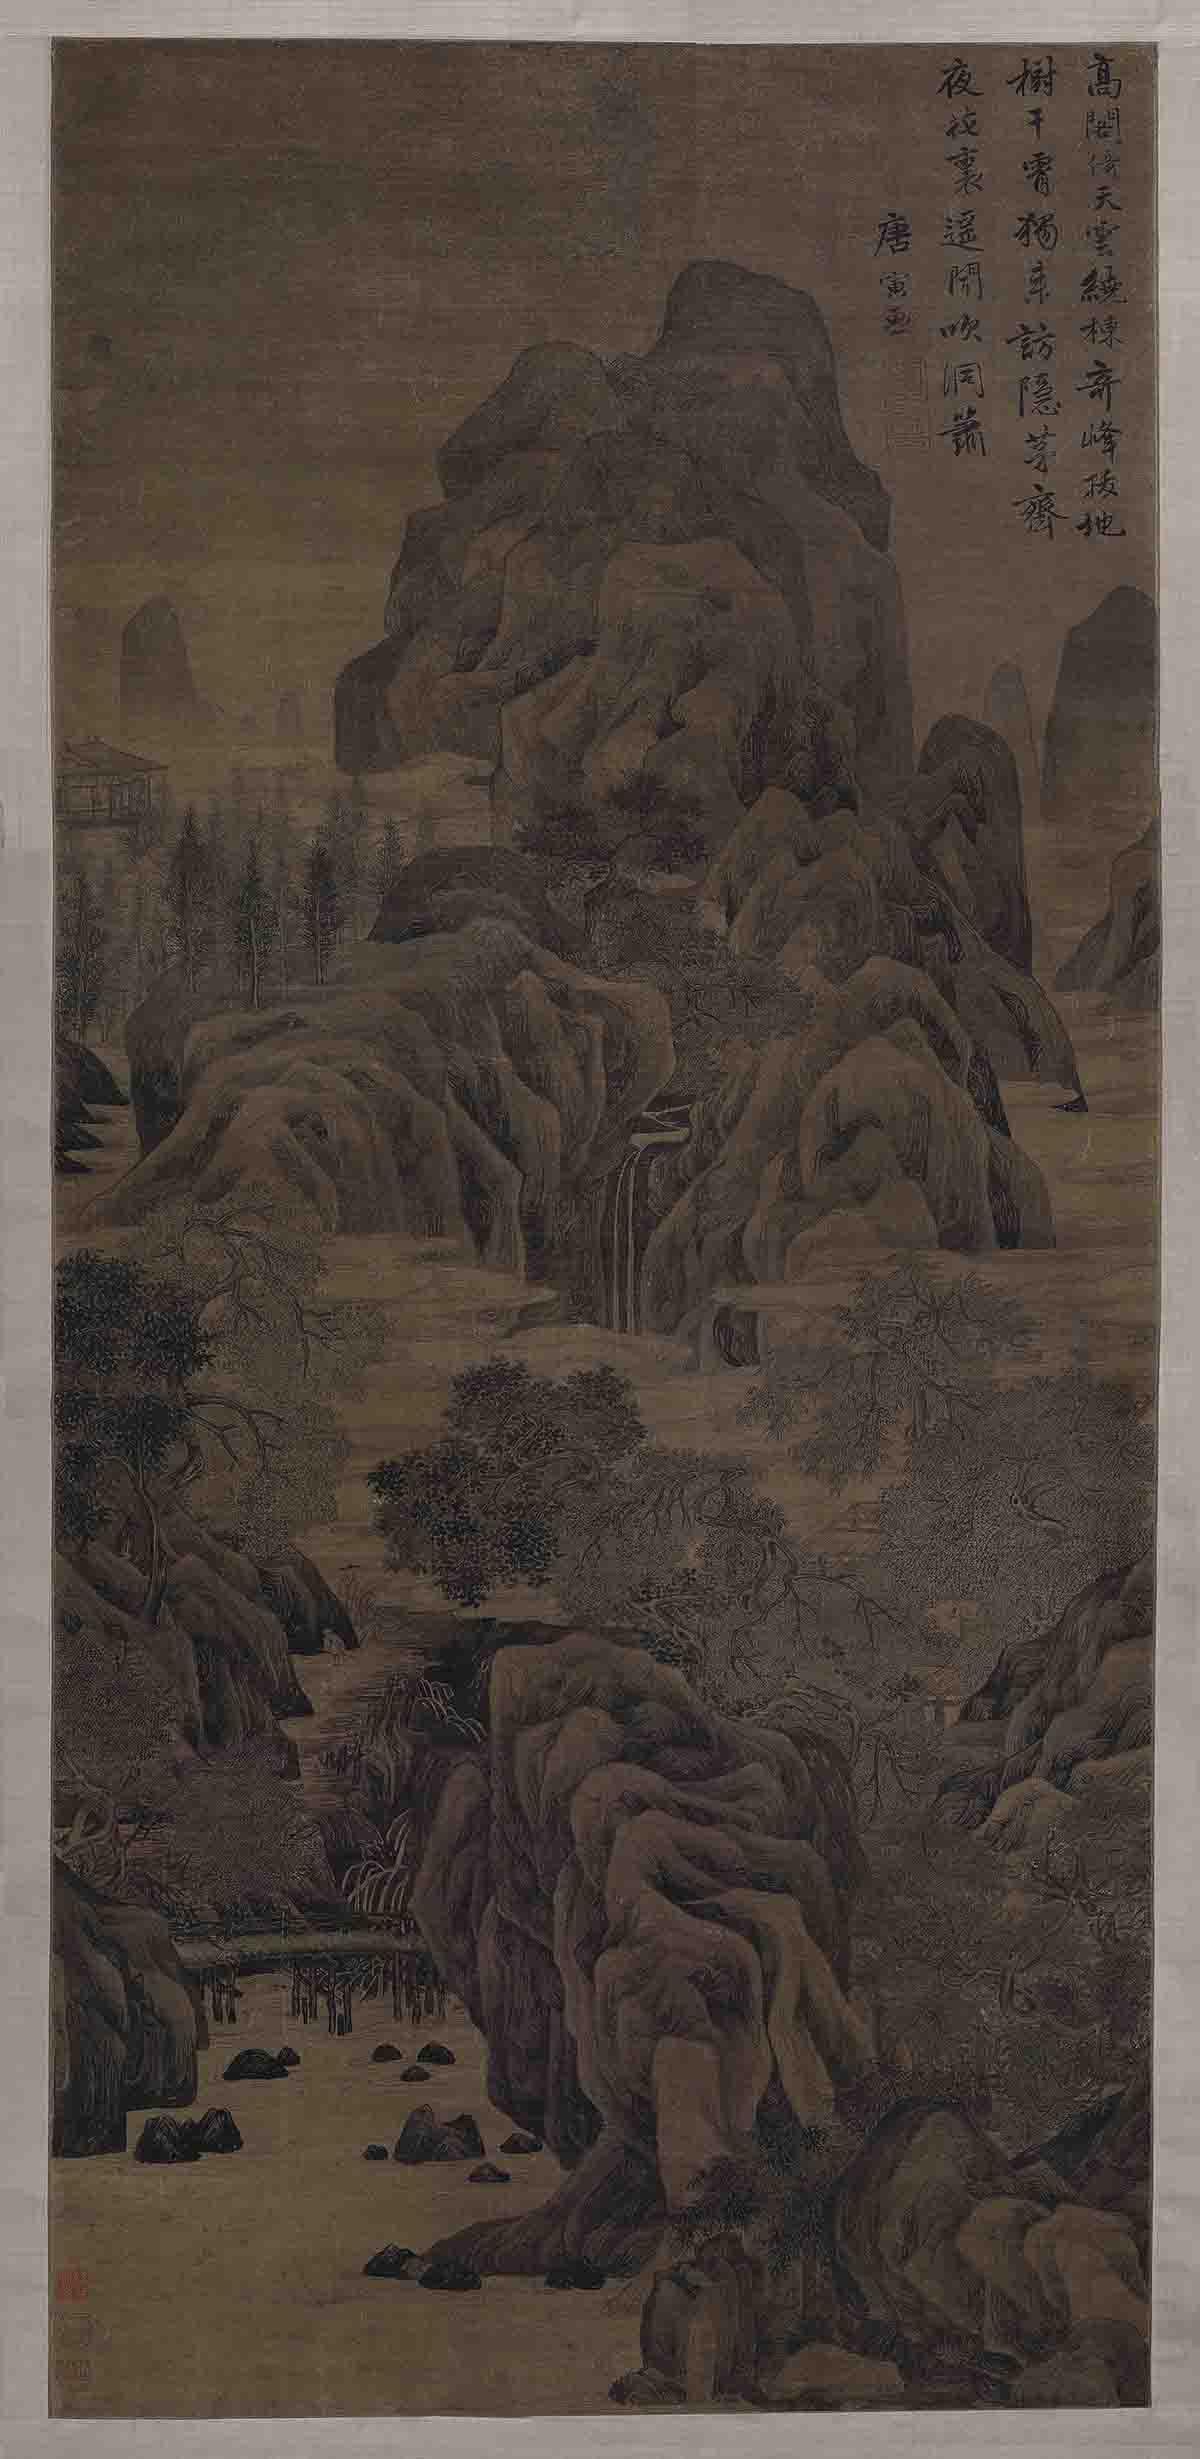 明 唐寅 奇峰高隐图轴75x56印第安纳波利斯艺术博物馆